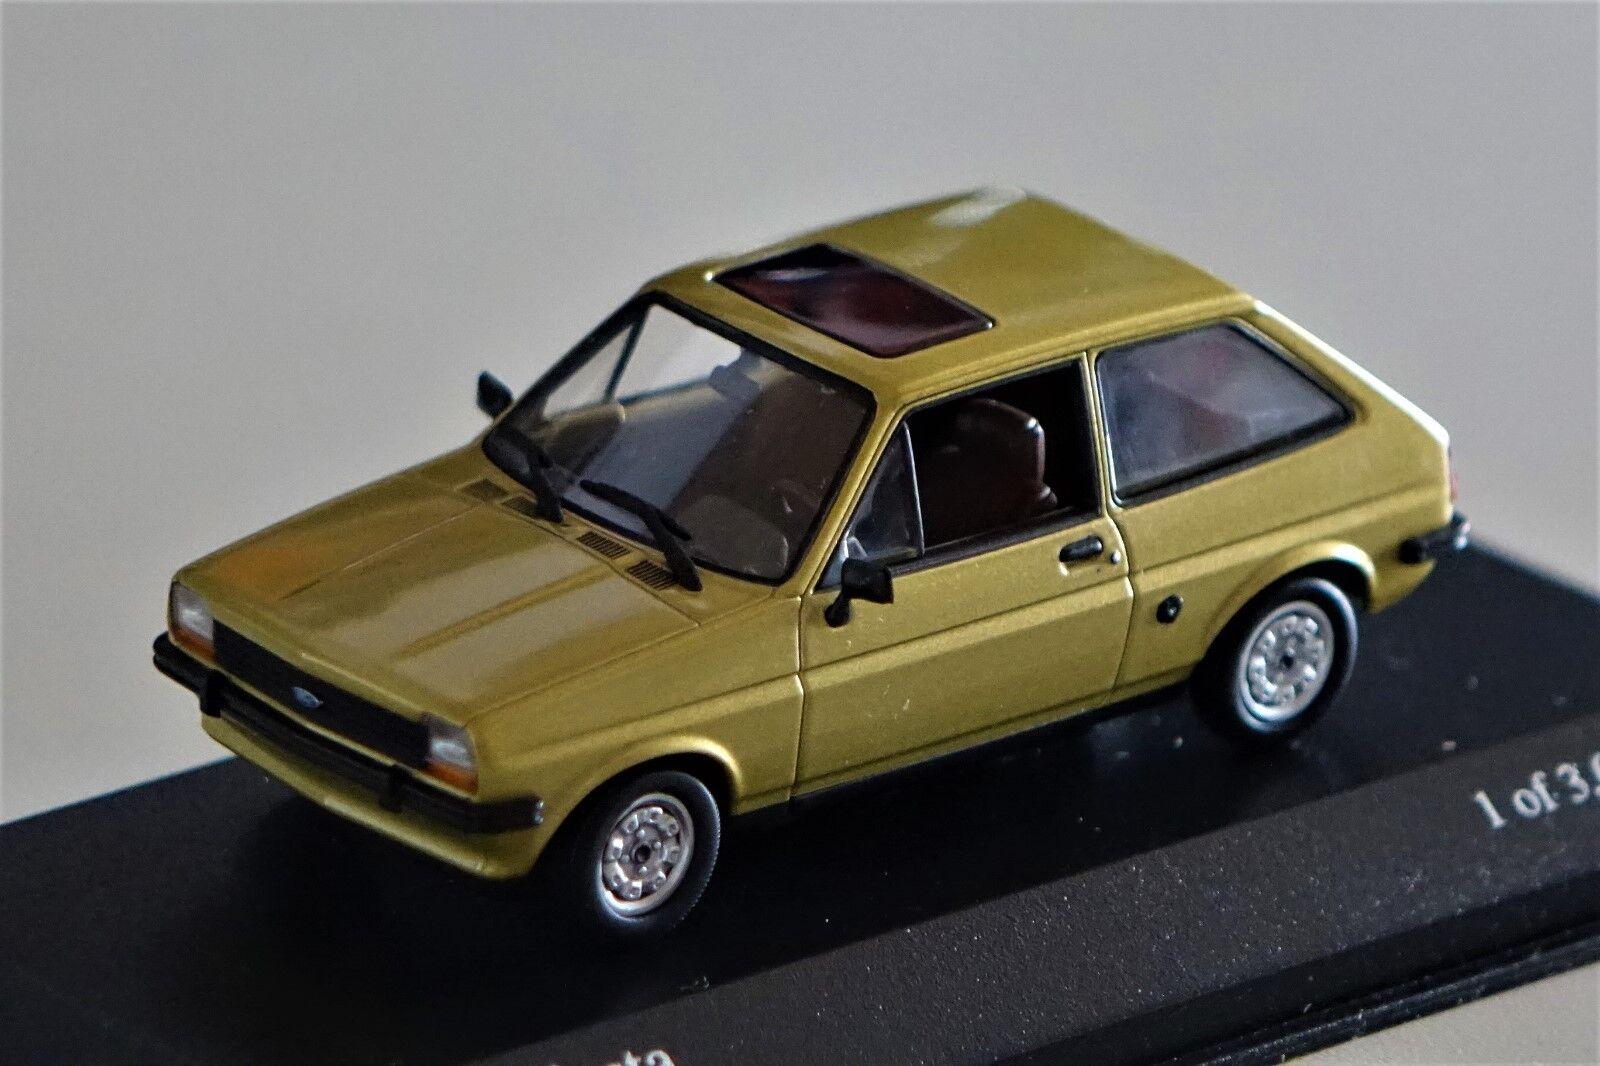 Ford Fiesta 1976 1 43 Minichamps neu & & & OVP 400085100  | Ich kann es nicht ablegen  cb6a0e